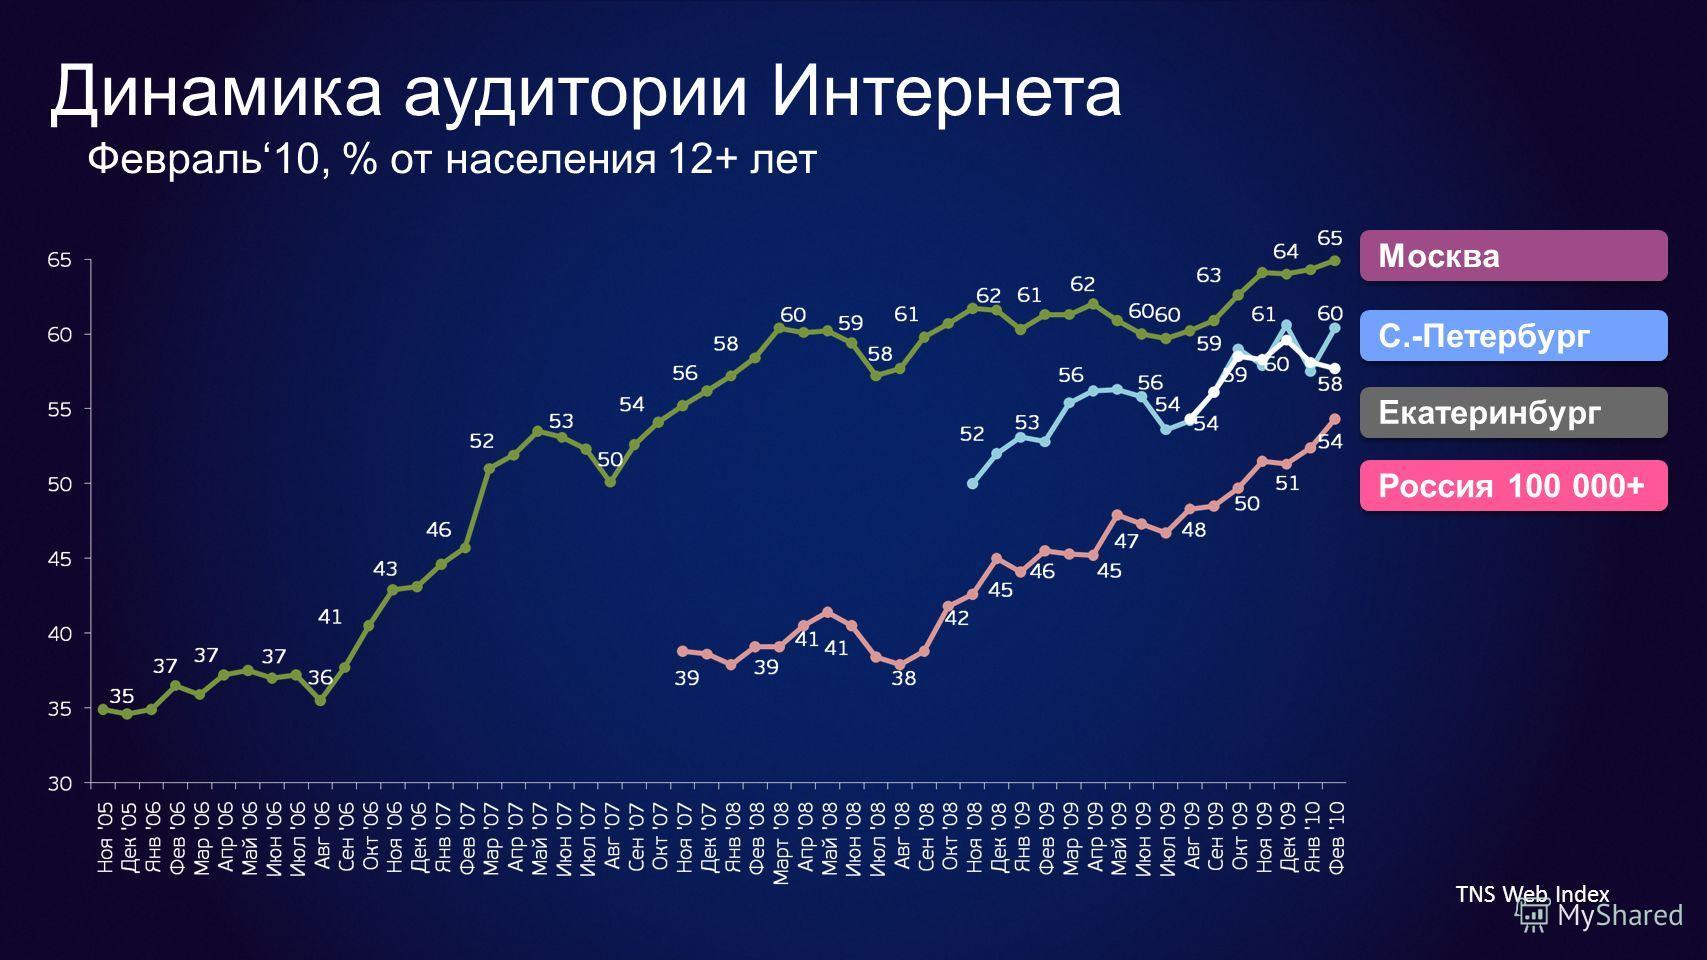 Динамика аудитории Интернета Февраль10, % от населения 12+ лет Россия 100 000+ Екатеринбург Москва С.-Петербург TNS Web Index